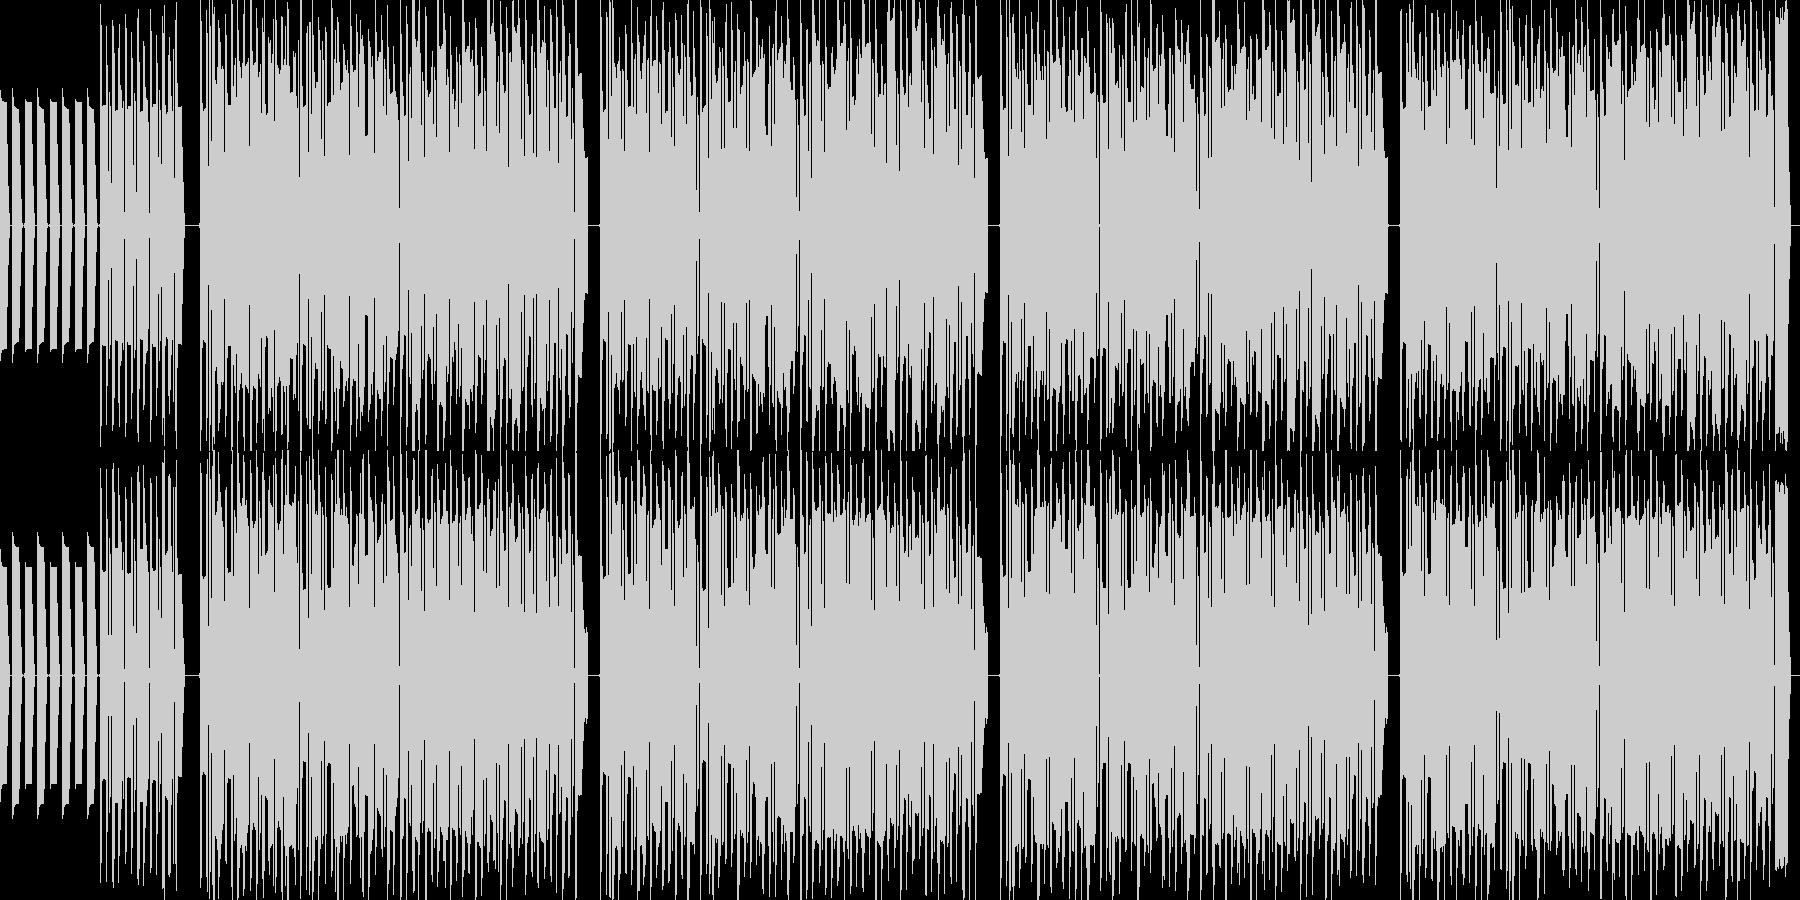 なんとなく流れてきそうなポップチューンの未再生の波形